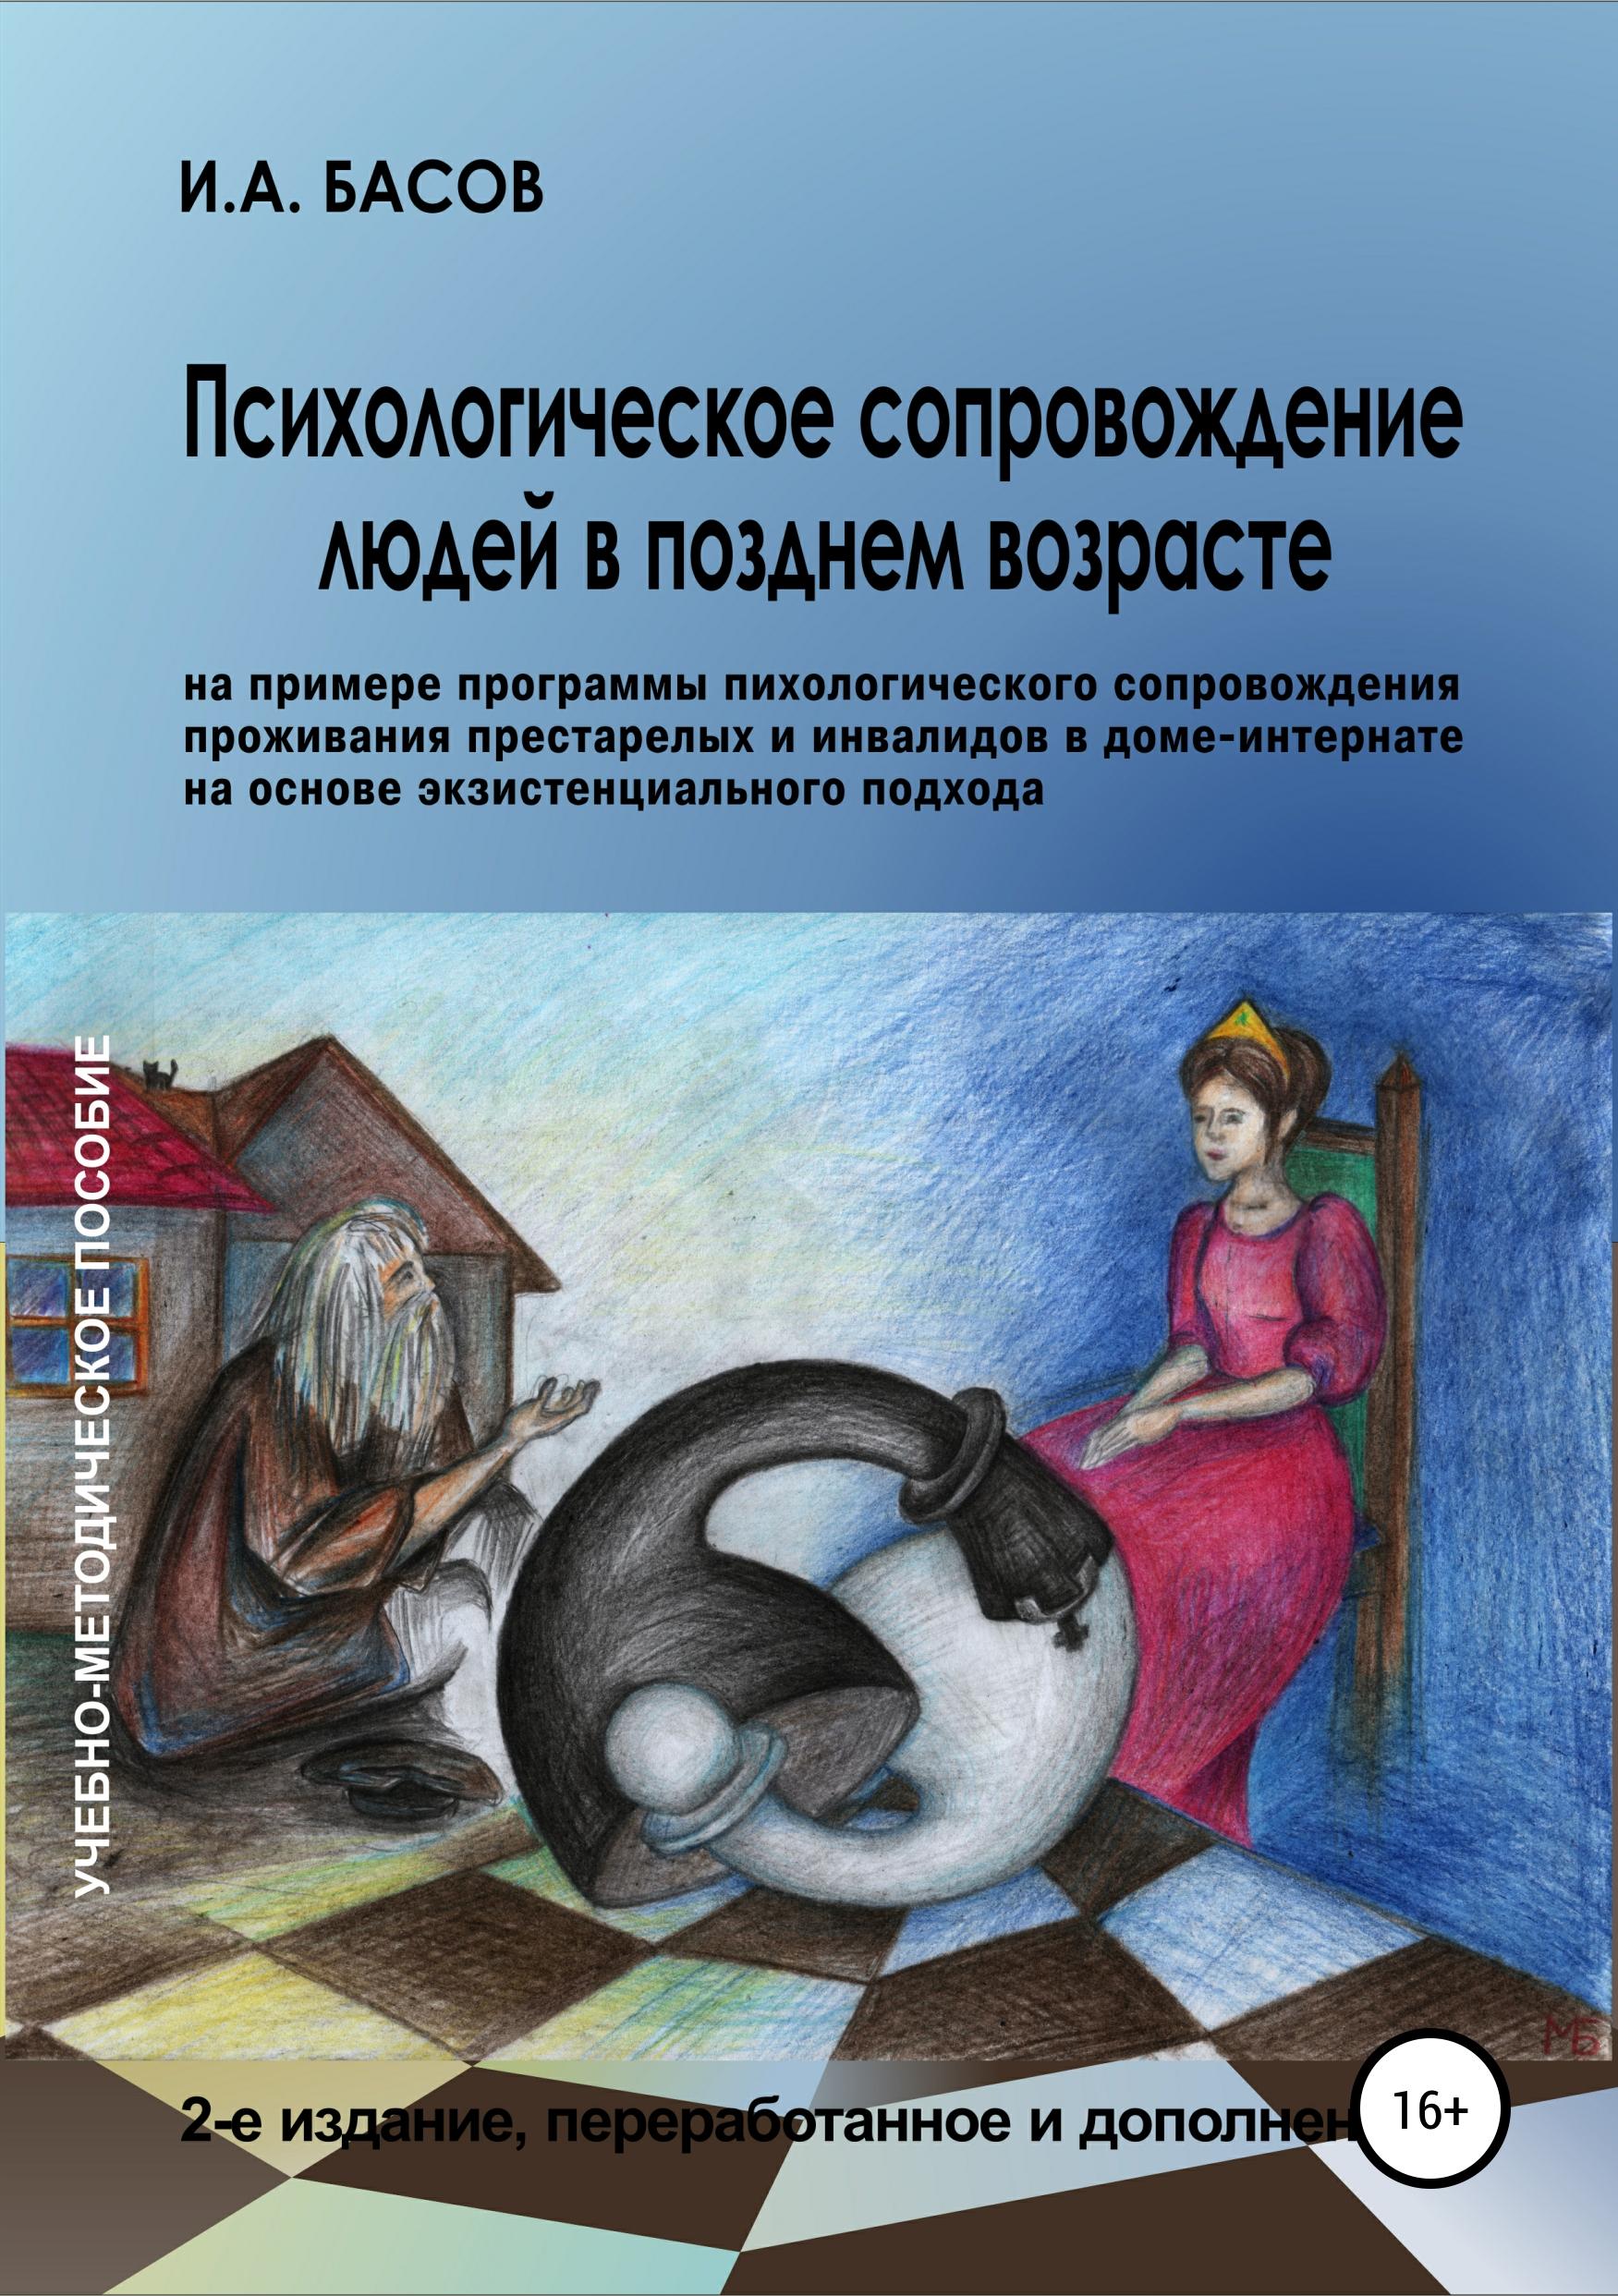 Психологическое сопровождение людей в позднем возрасте (на примере программы психологического сопровождения проживания престарелых и инвалидов в доме-интернате на основе экзистенциального подхода)